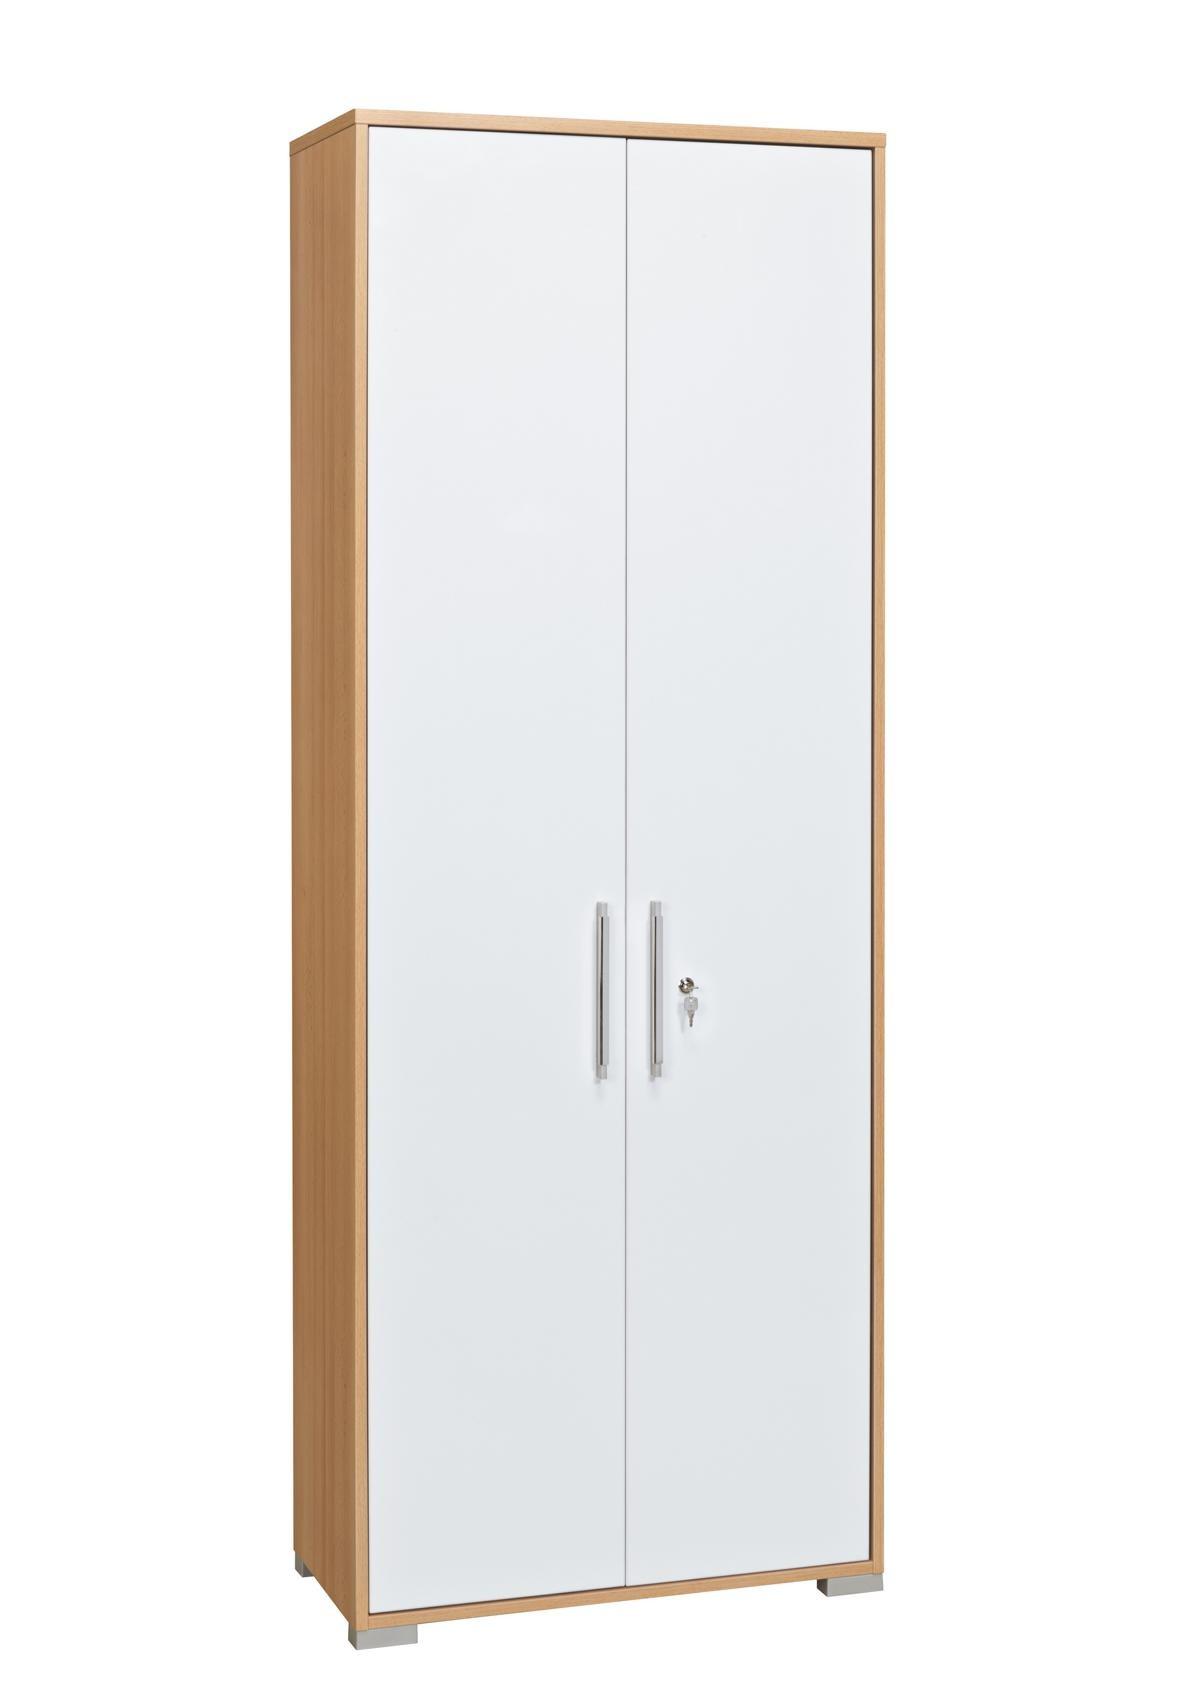 Aktenschrank Mod.MJ416 Buche - Weiß Hochglanz - H&C Möbel